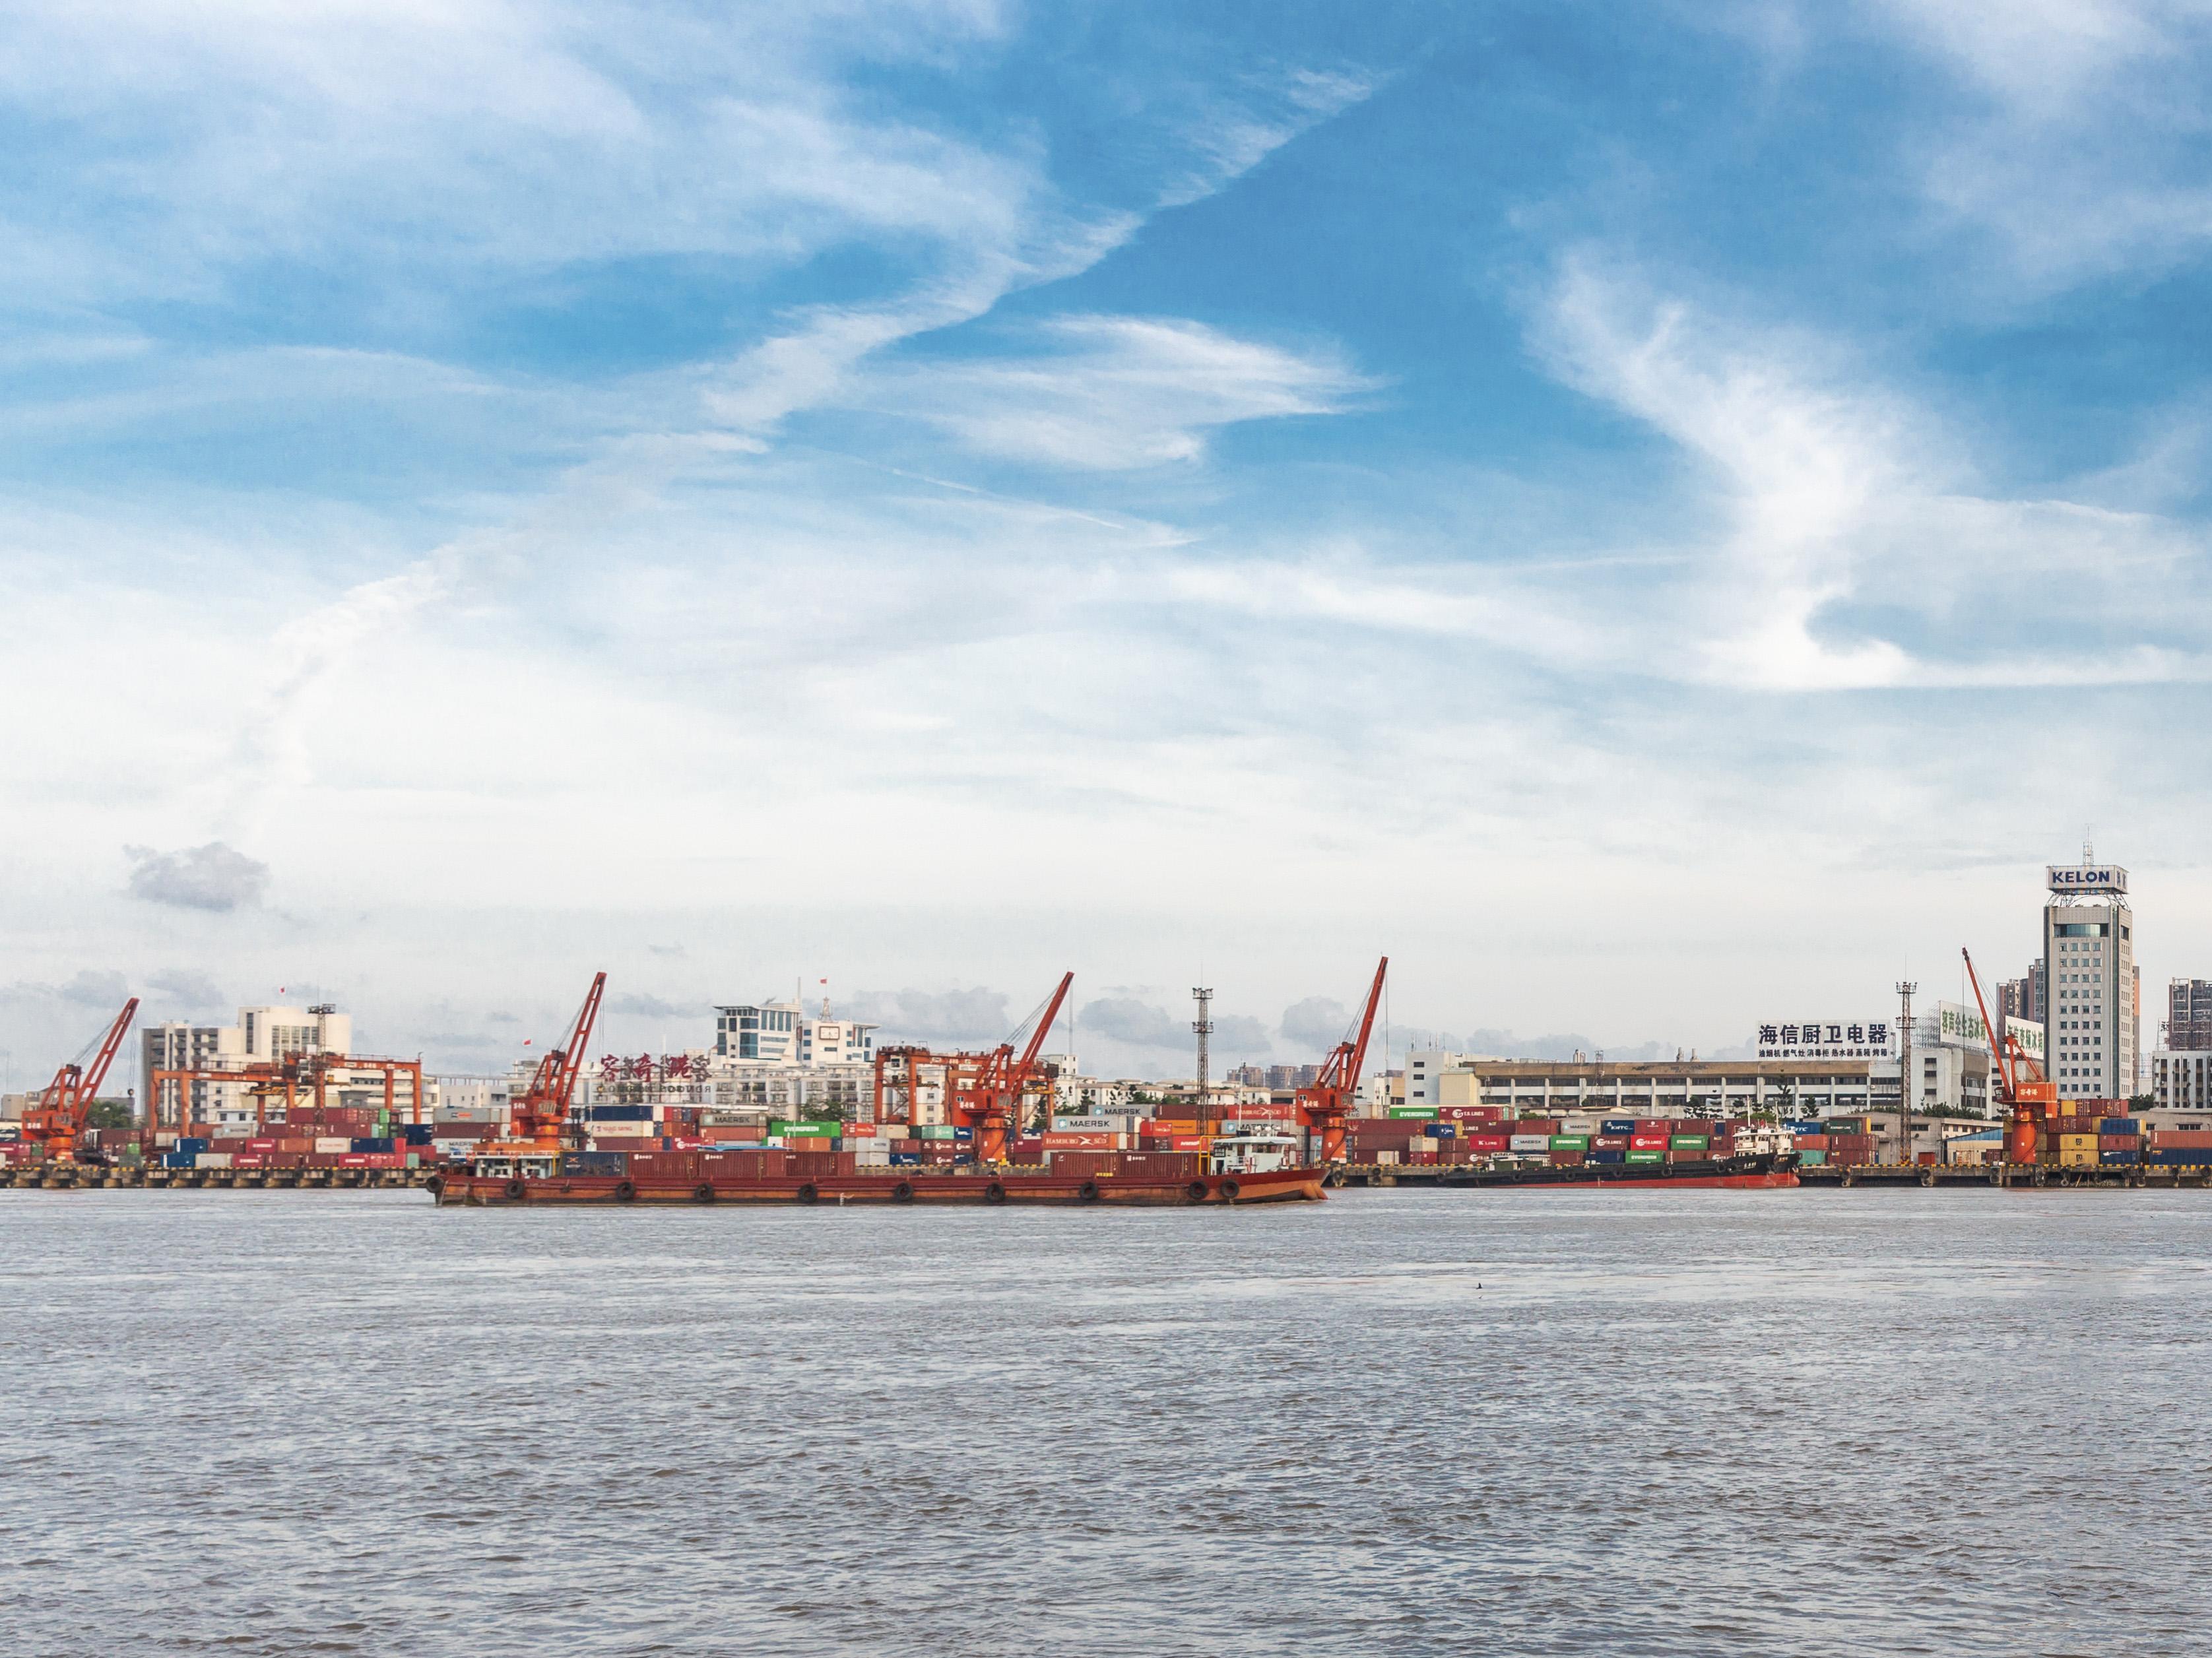 非洲海运重要港口